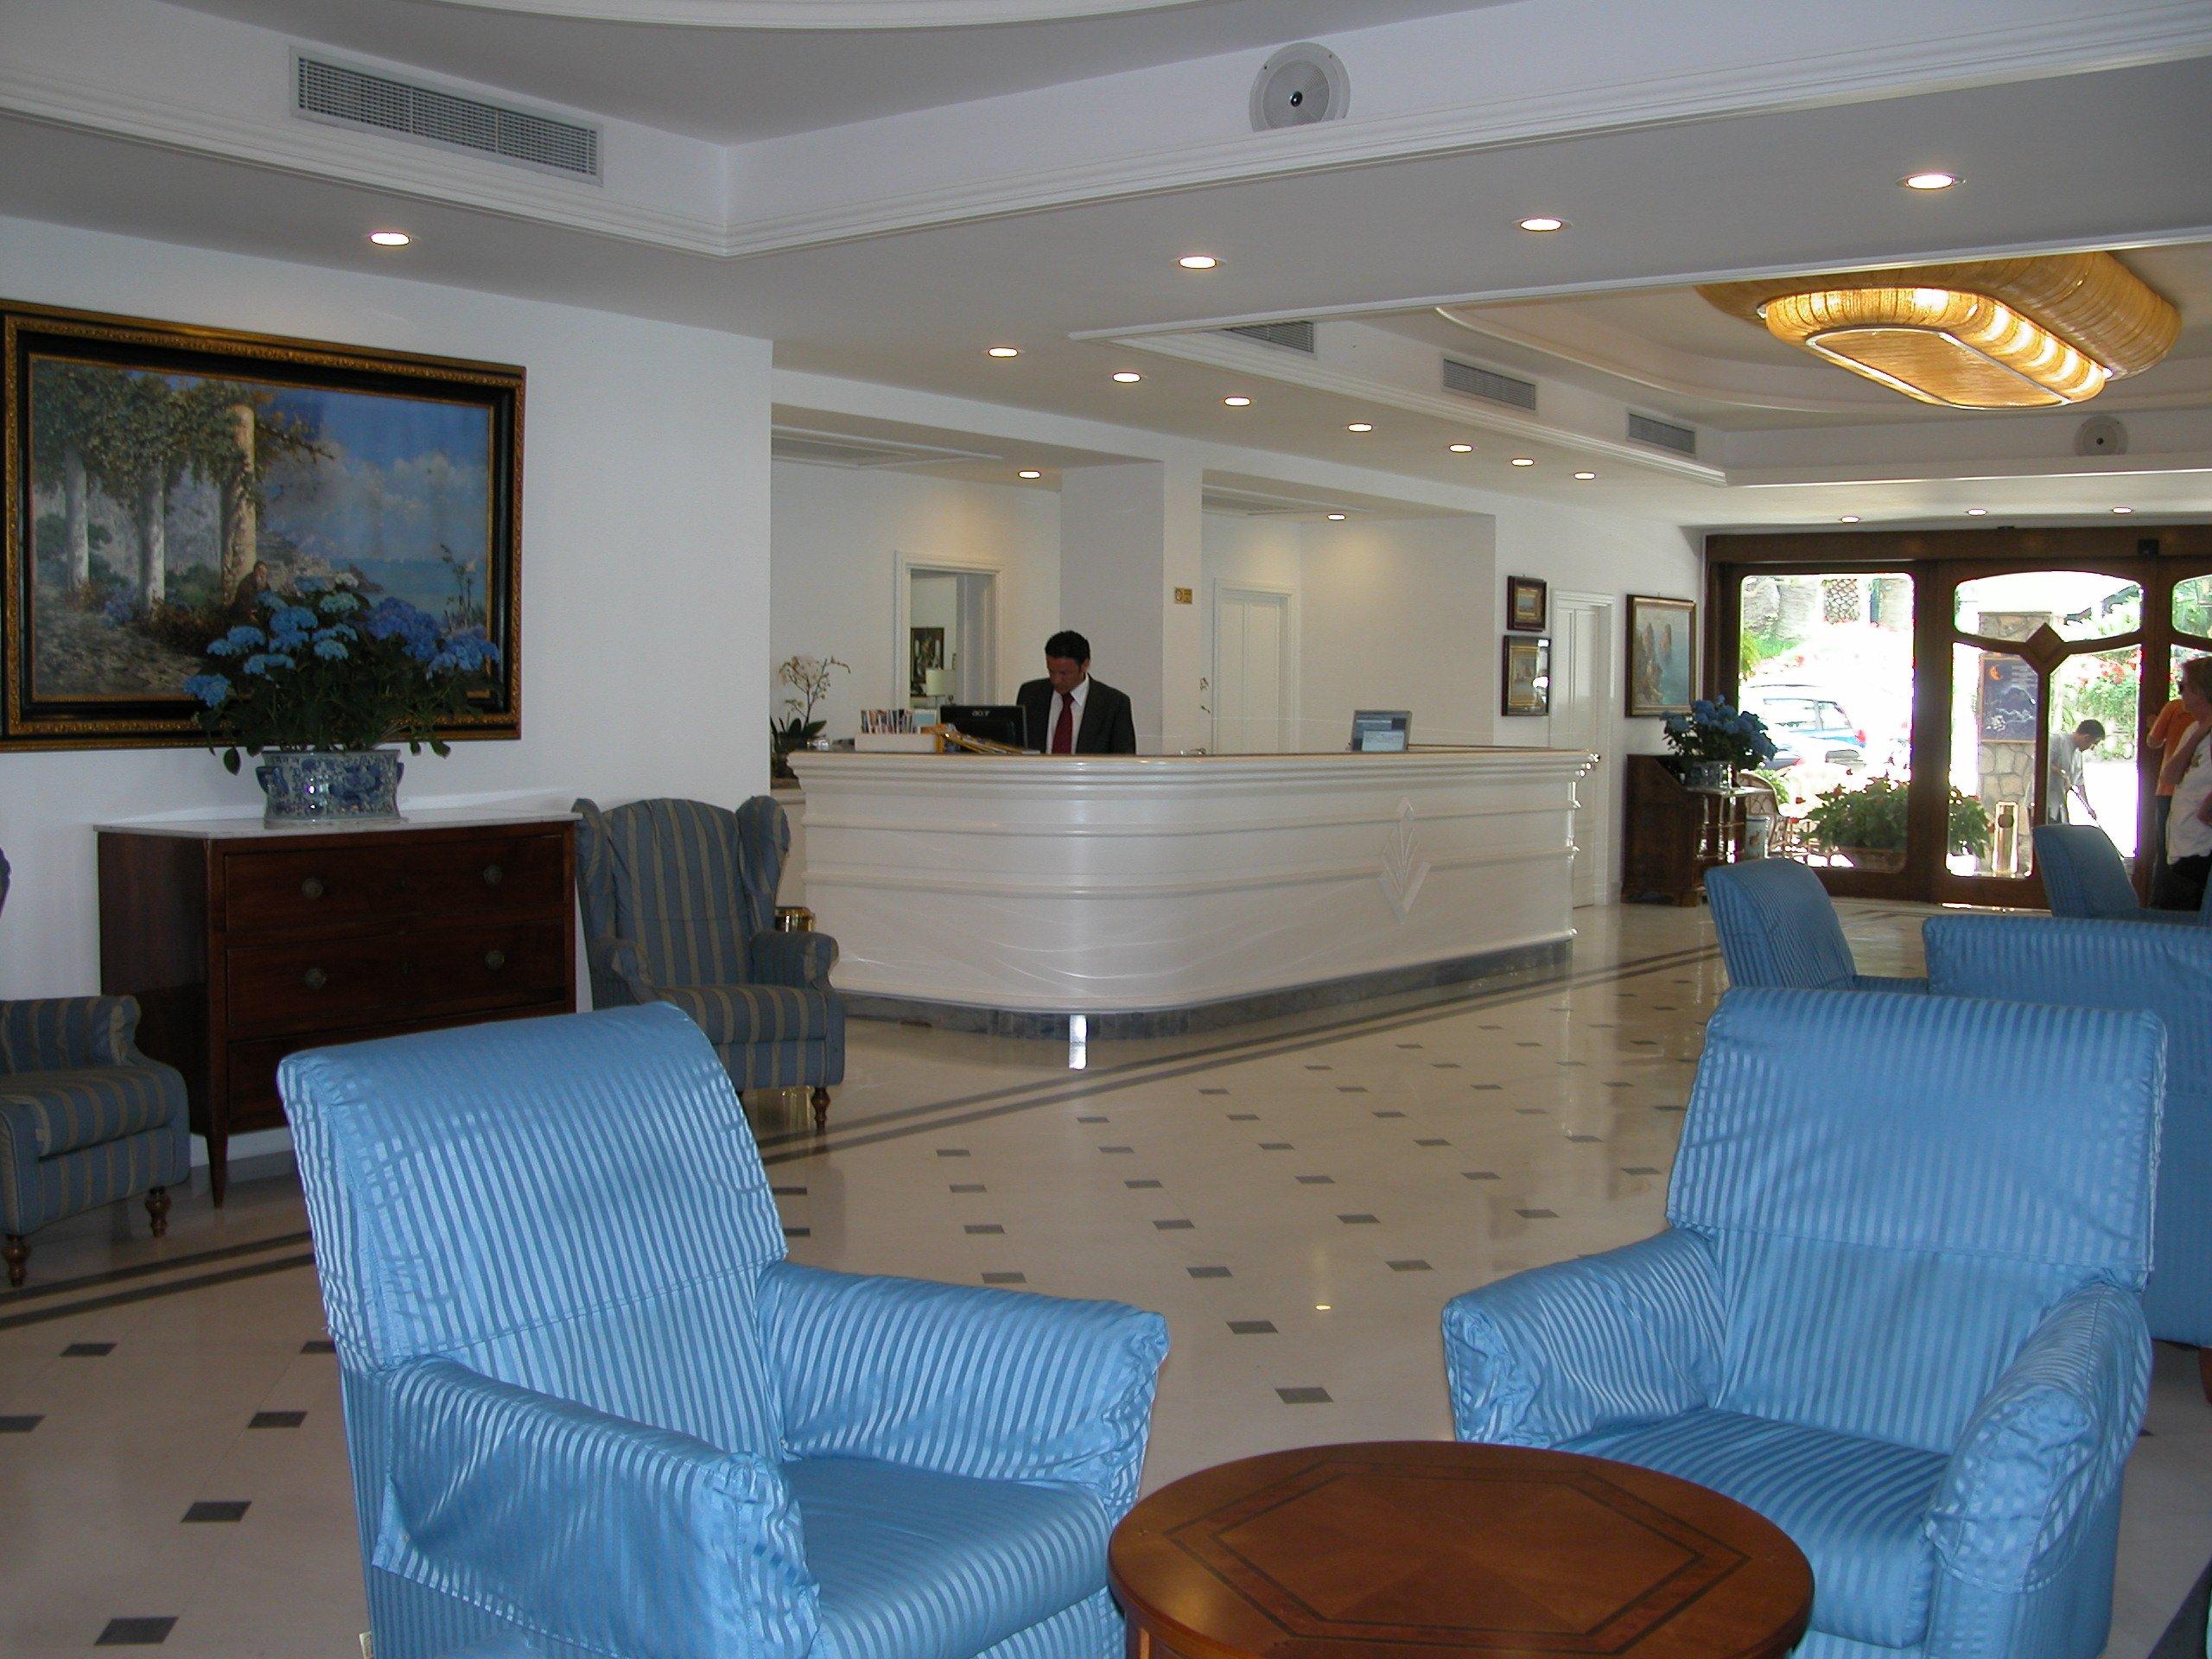 Reception di un hotel elegante di colore bianco con pavimento in marmo a scacchi, un tavolino e due poltrone blu